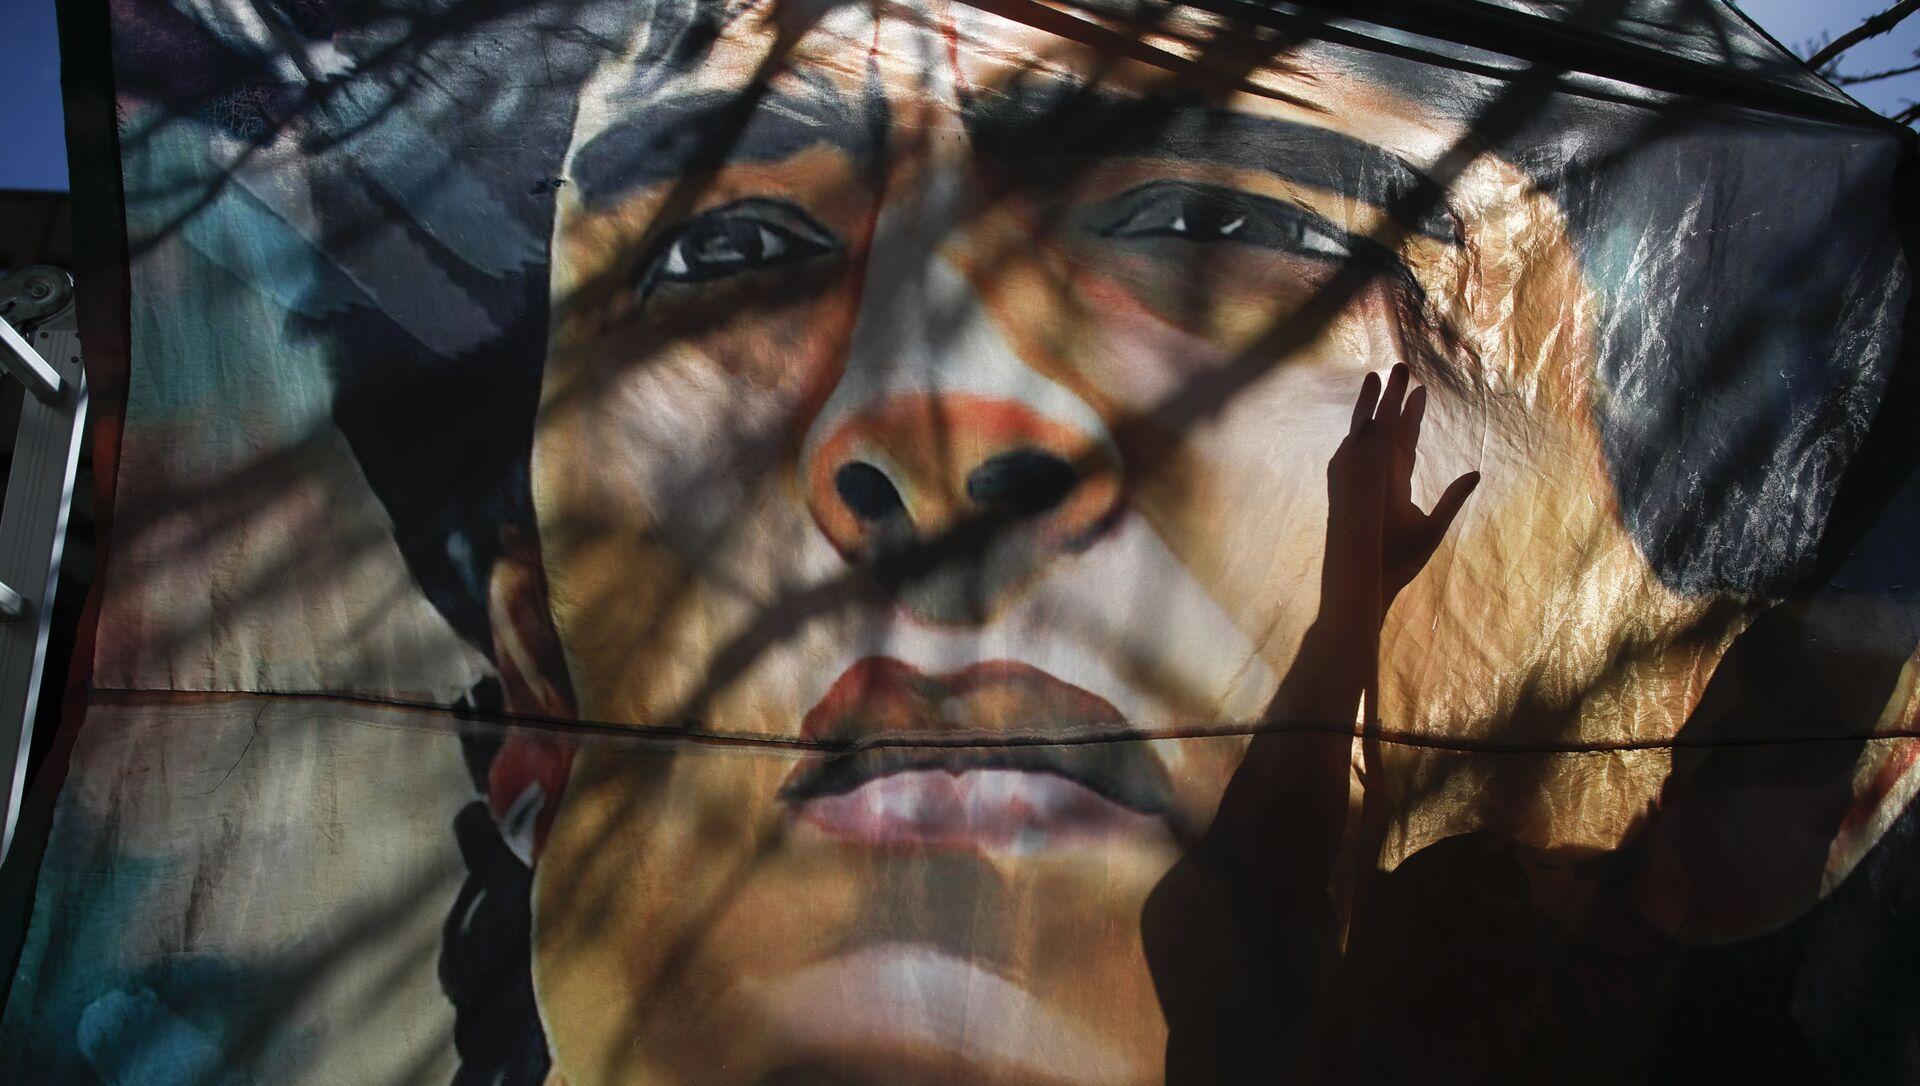 Biểu ngữ có hình Diego Maradona tại một bệnh viện ở Argentina - Sputnik Việt Nam, 1920, 11.03.2021